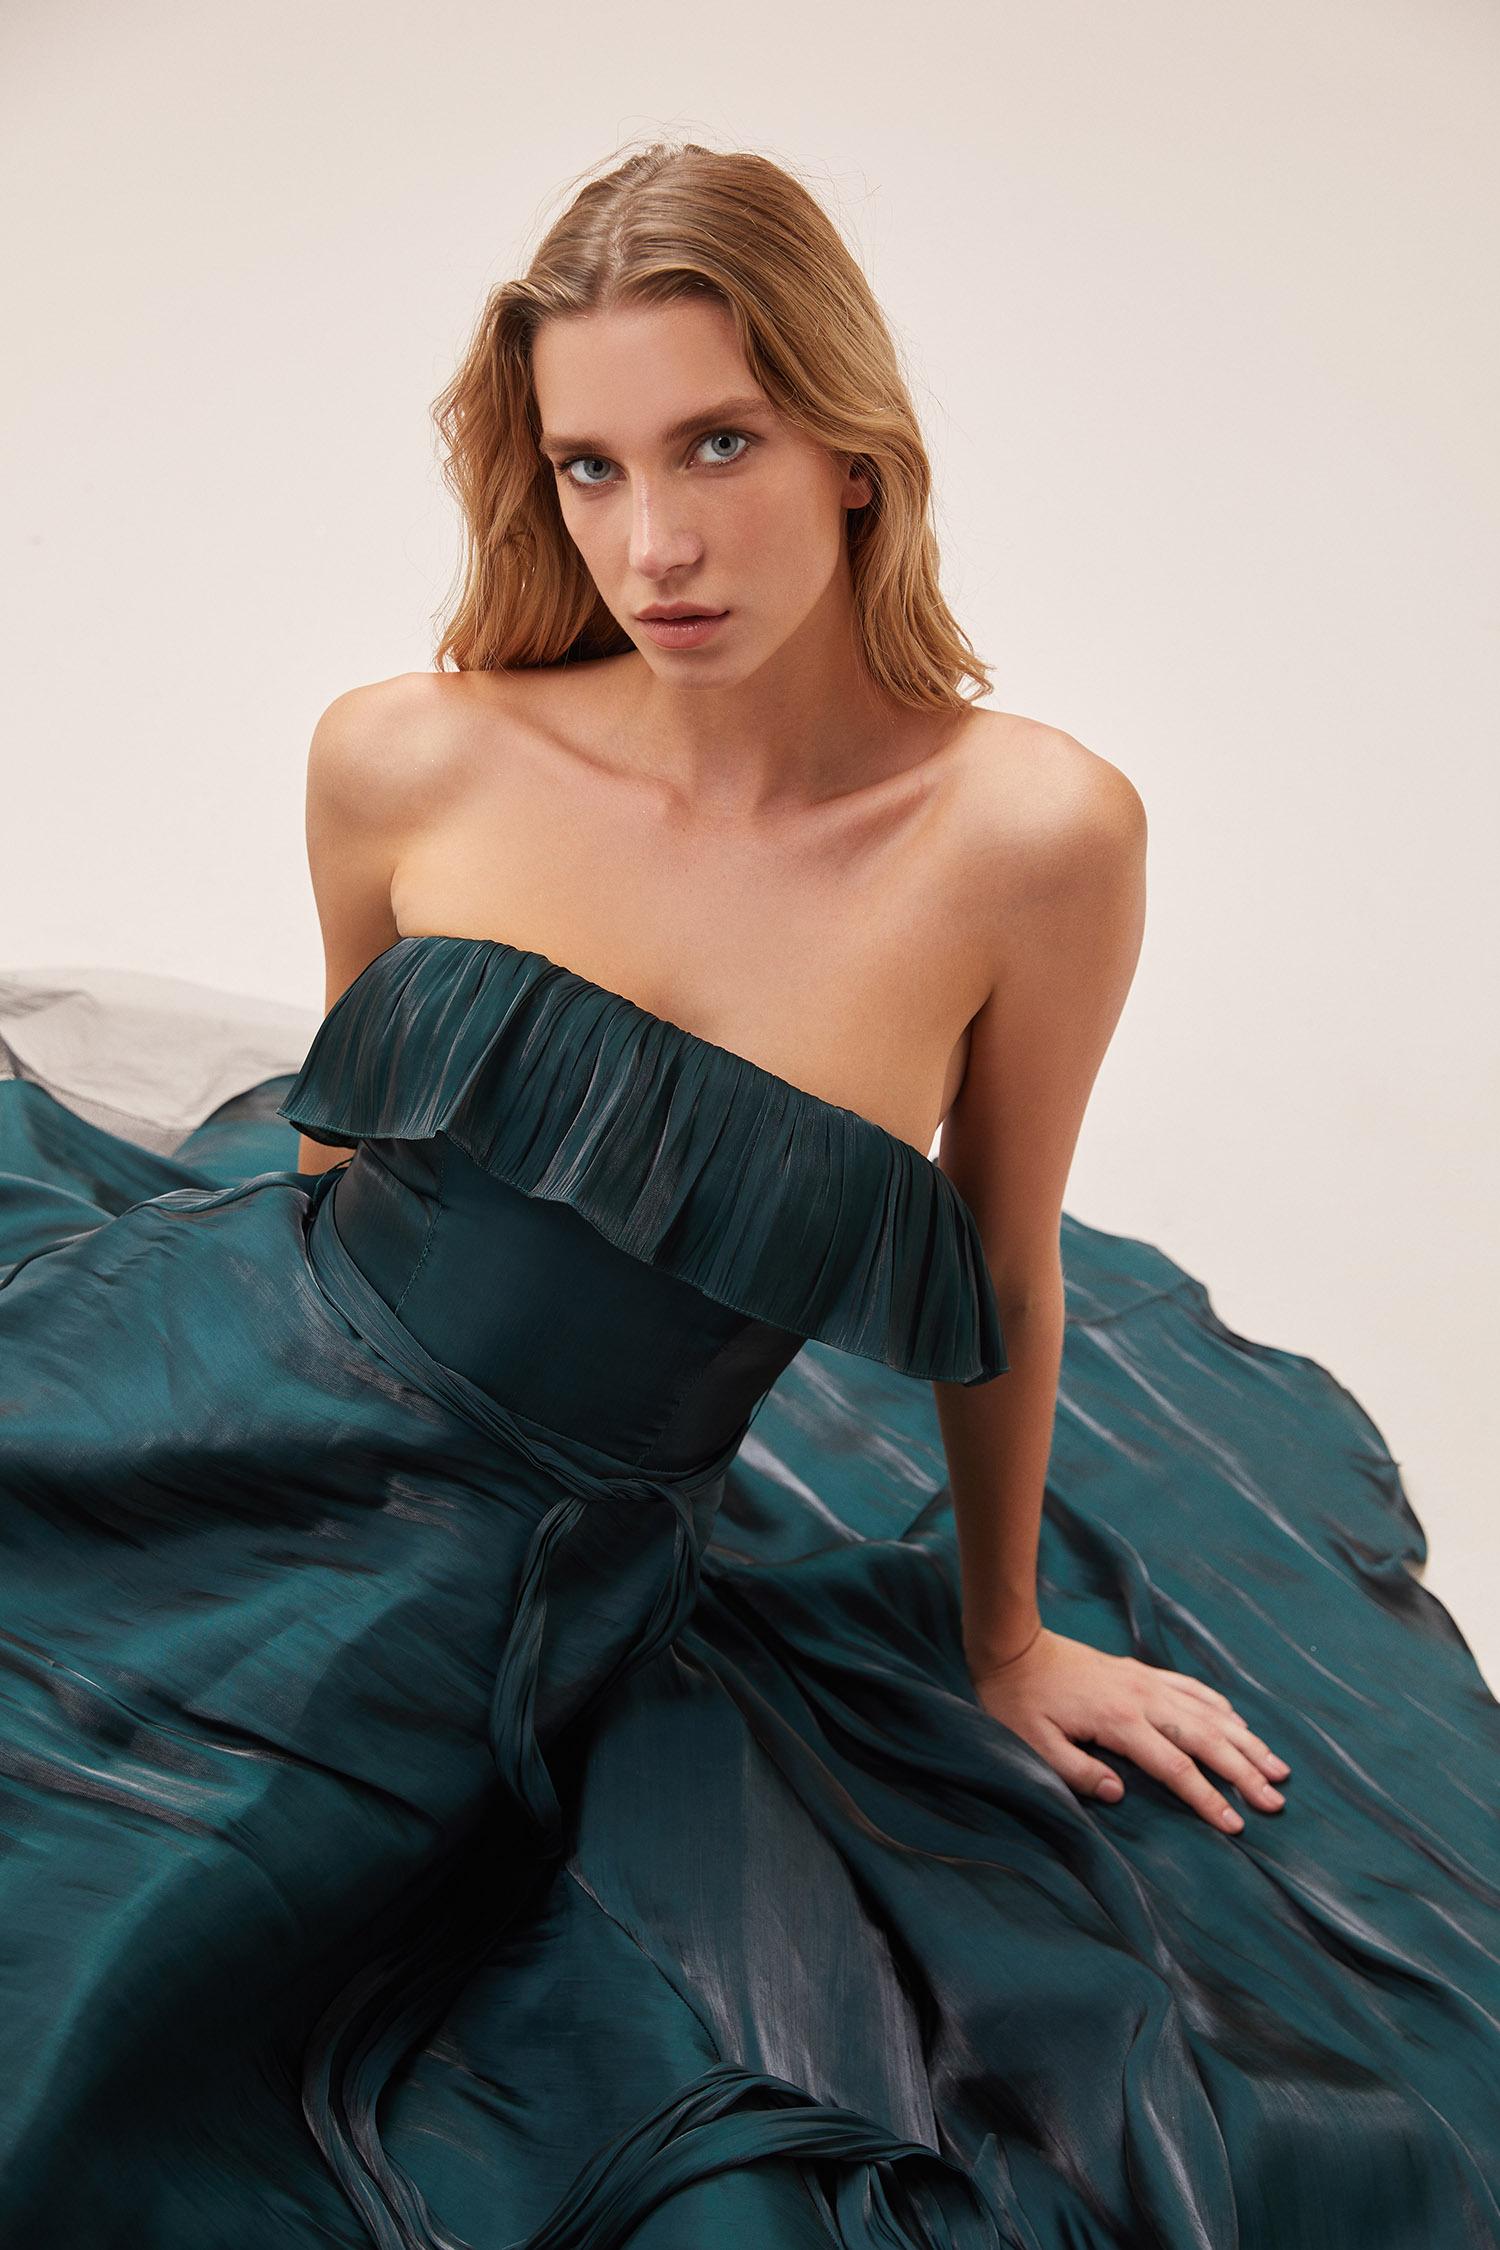 Koyu Yeşil Straplez Belden Bağlama Detaylı Uzun Abiye Elbise - Thumbnail